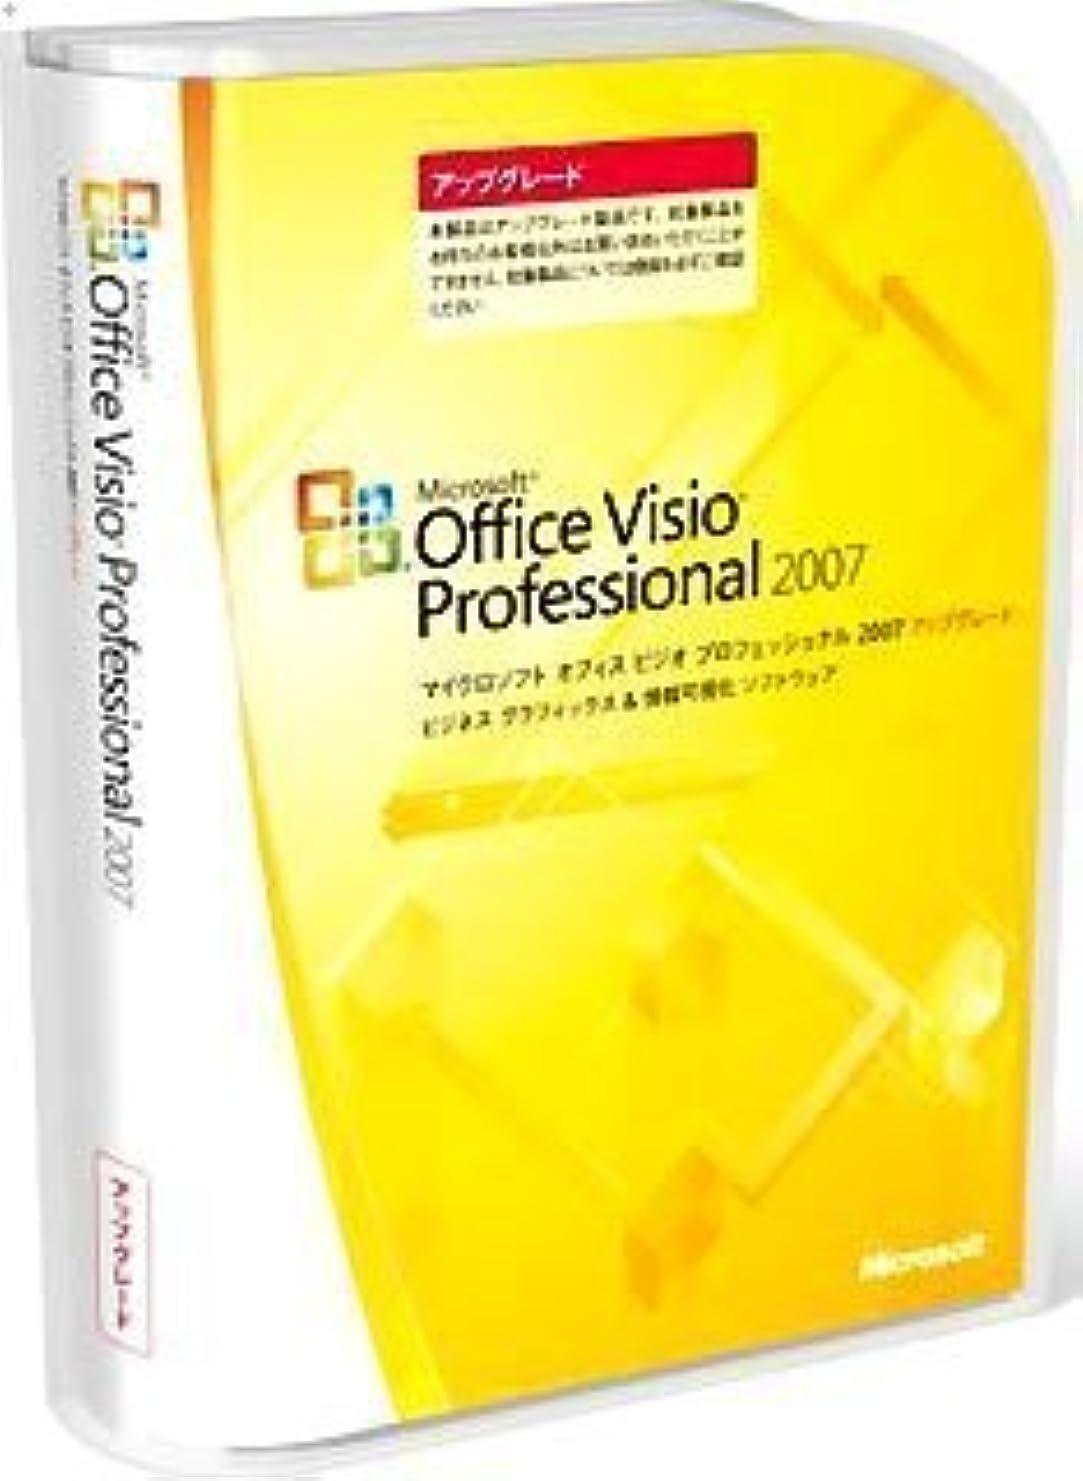 アラバマエゴマニアタンザニア【旧商品/メーカー出荷終了/サポート終了】Microsoft Office Visio Professional 2007 アップグレード